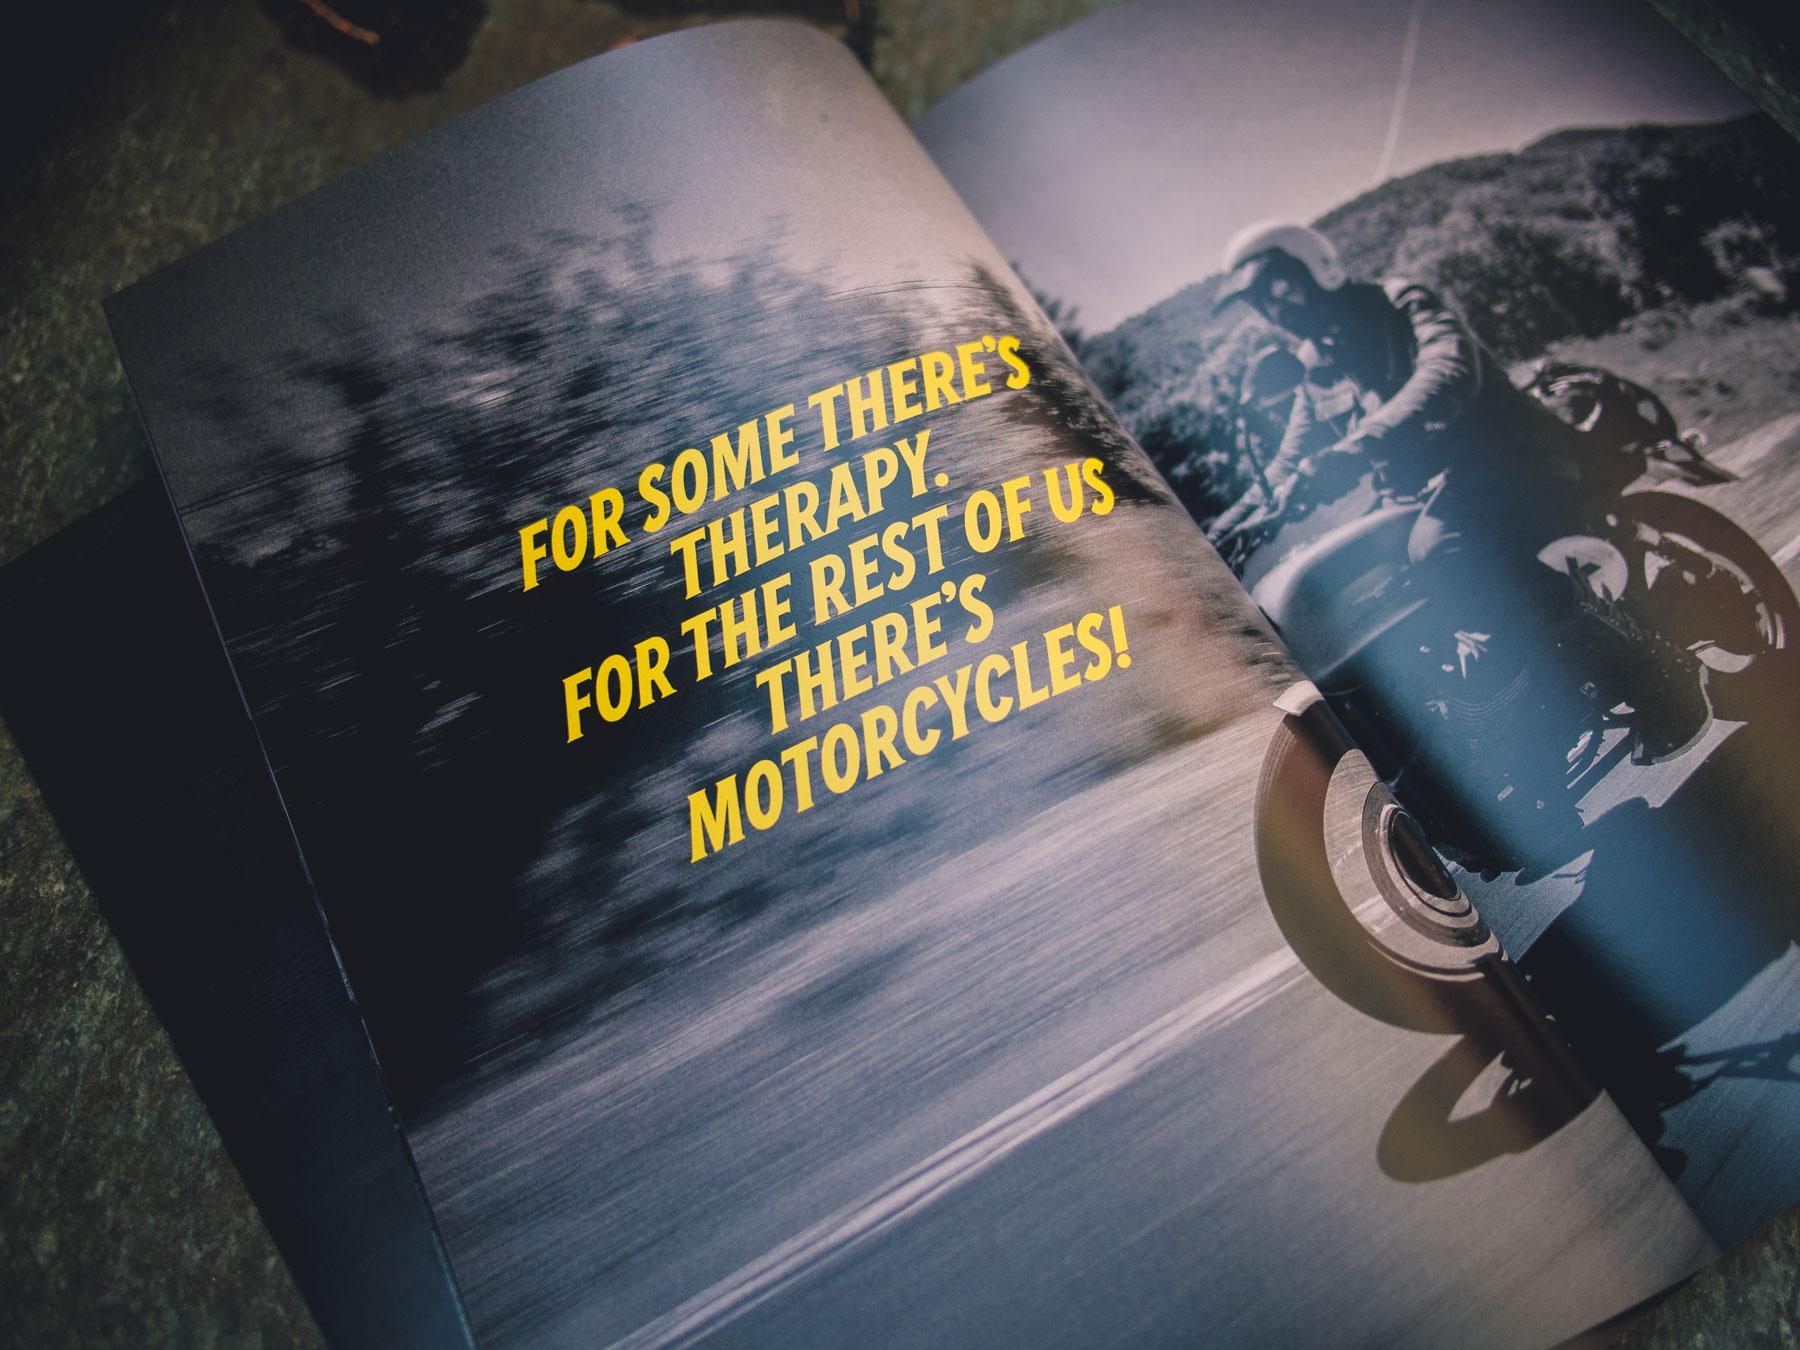 Man sieht eine Katalog-Doppelinnenseite von Heritage Adventure von TOURATECH. Ein Motorradfahrer fährt auf einer Moto Guzzi durch Portugal. Das Corporate Design und Branding ist von MAJORMAJOR.